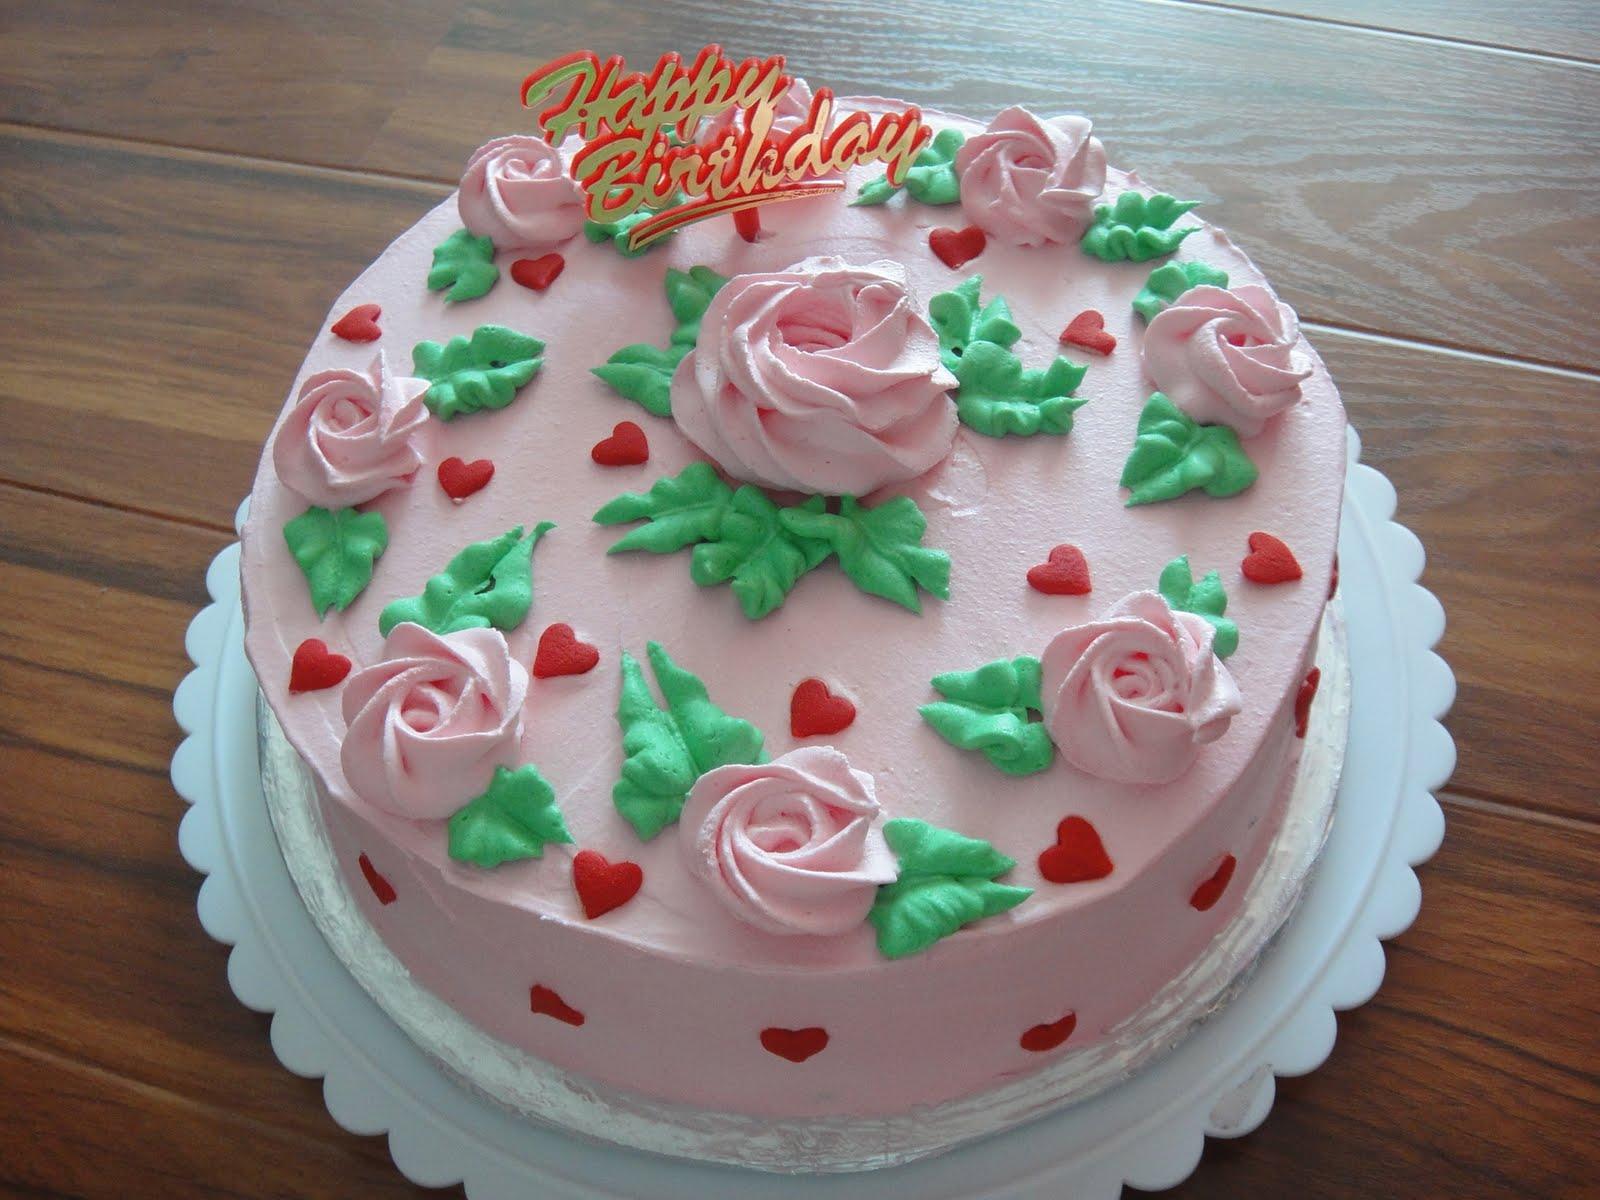 http://3.bp.blogspot.com/-9WANkozehZ8/Tua9GWp9T2I/AAAAAAAAAbQ/4Uiy6ZZ7oz8/s1600/DSC00355.JPG